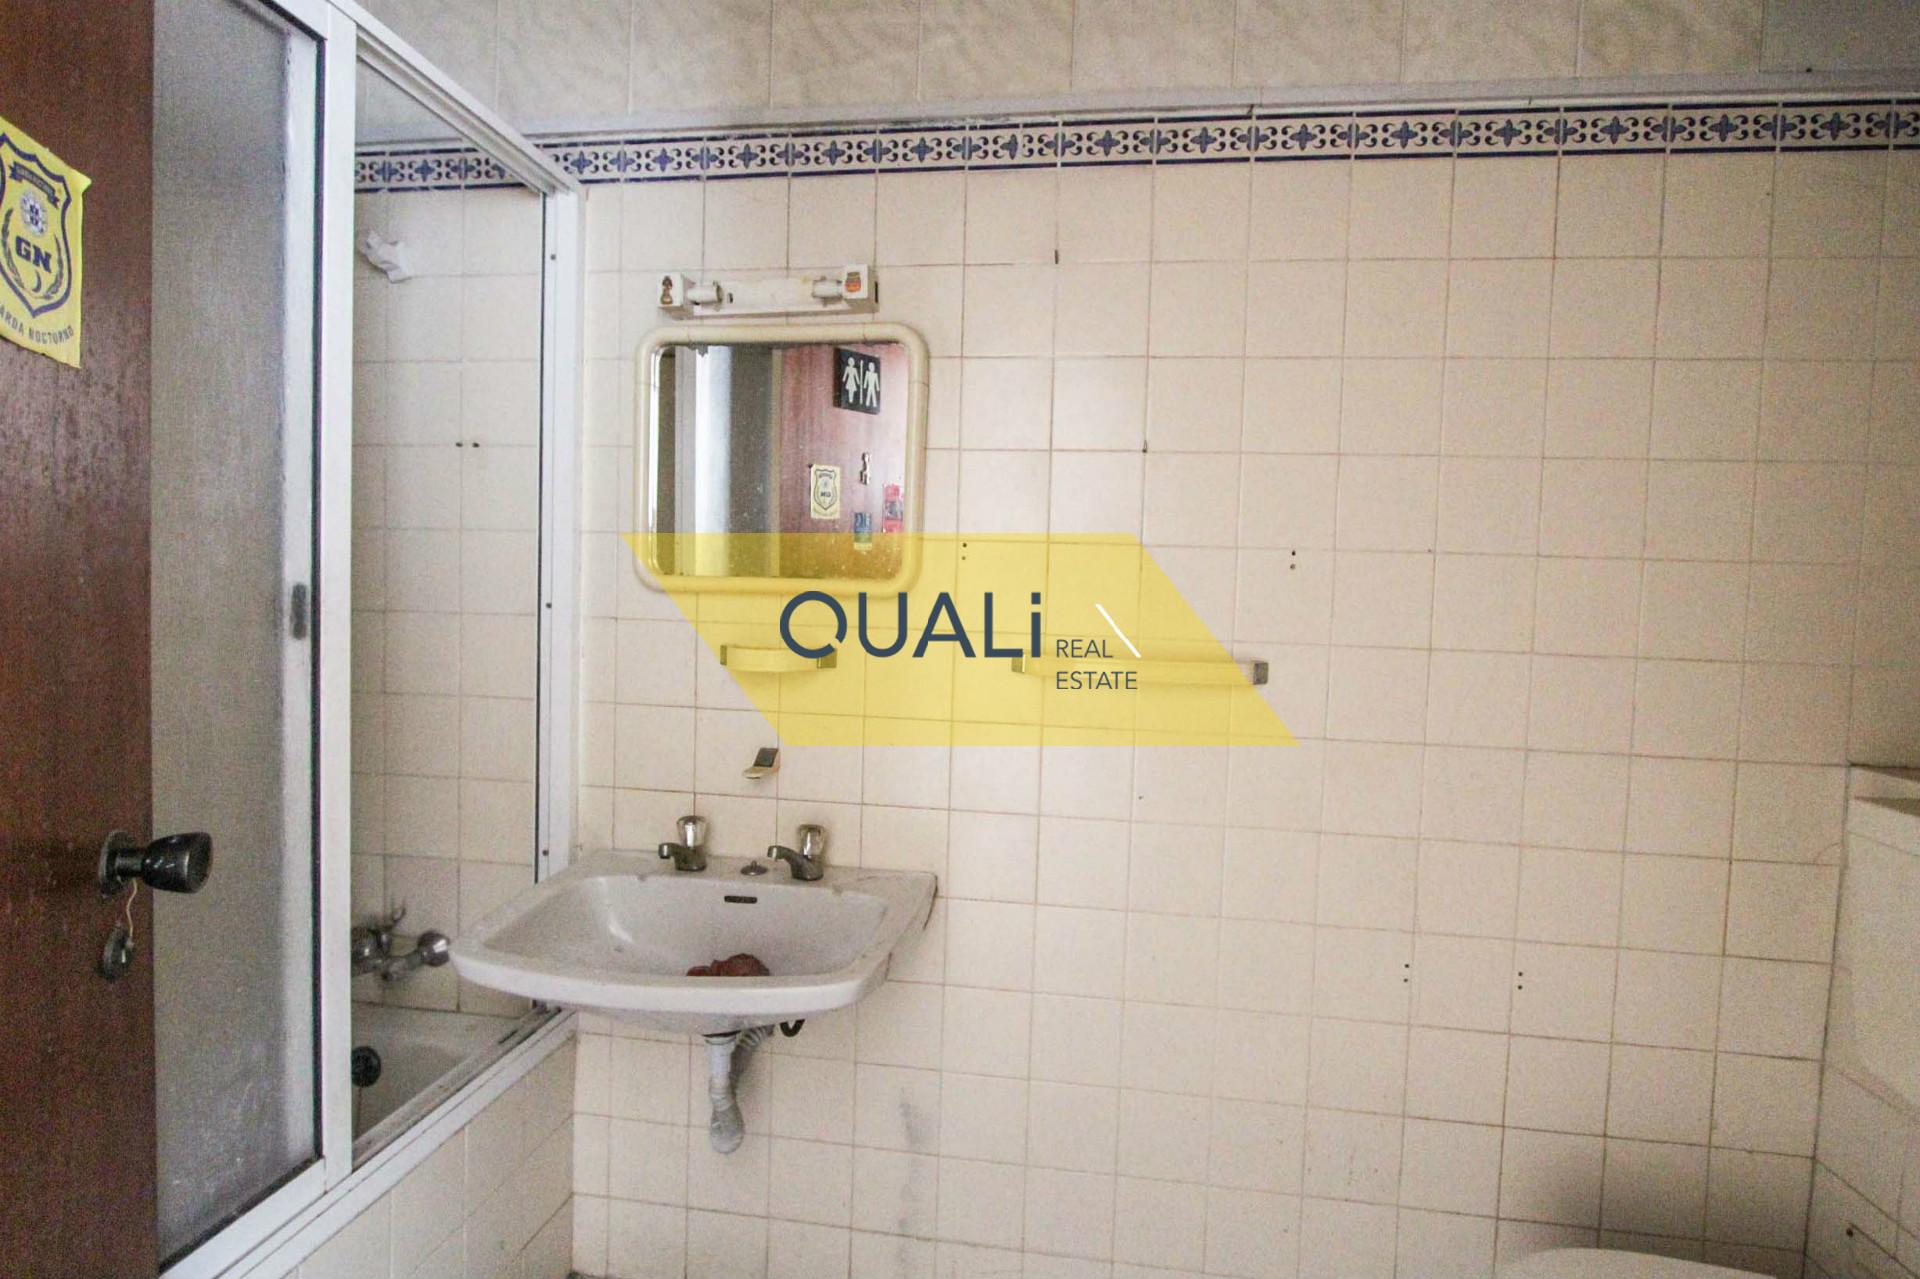 Apartamento T2 em São Gonçalo - Funchal - Ilha da Madeira - €60.000,00